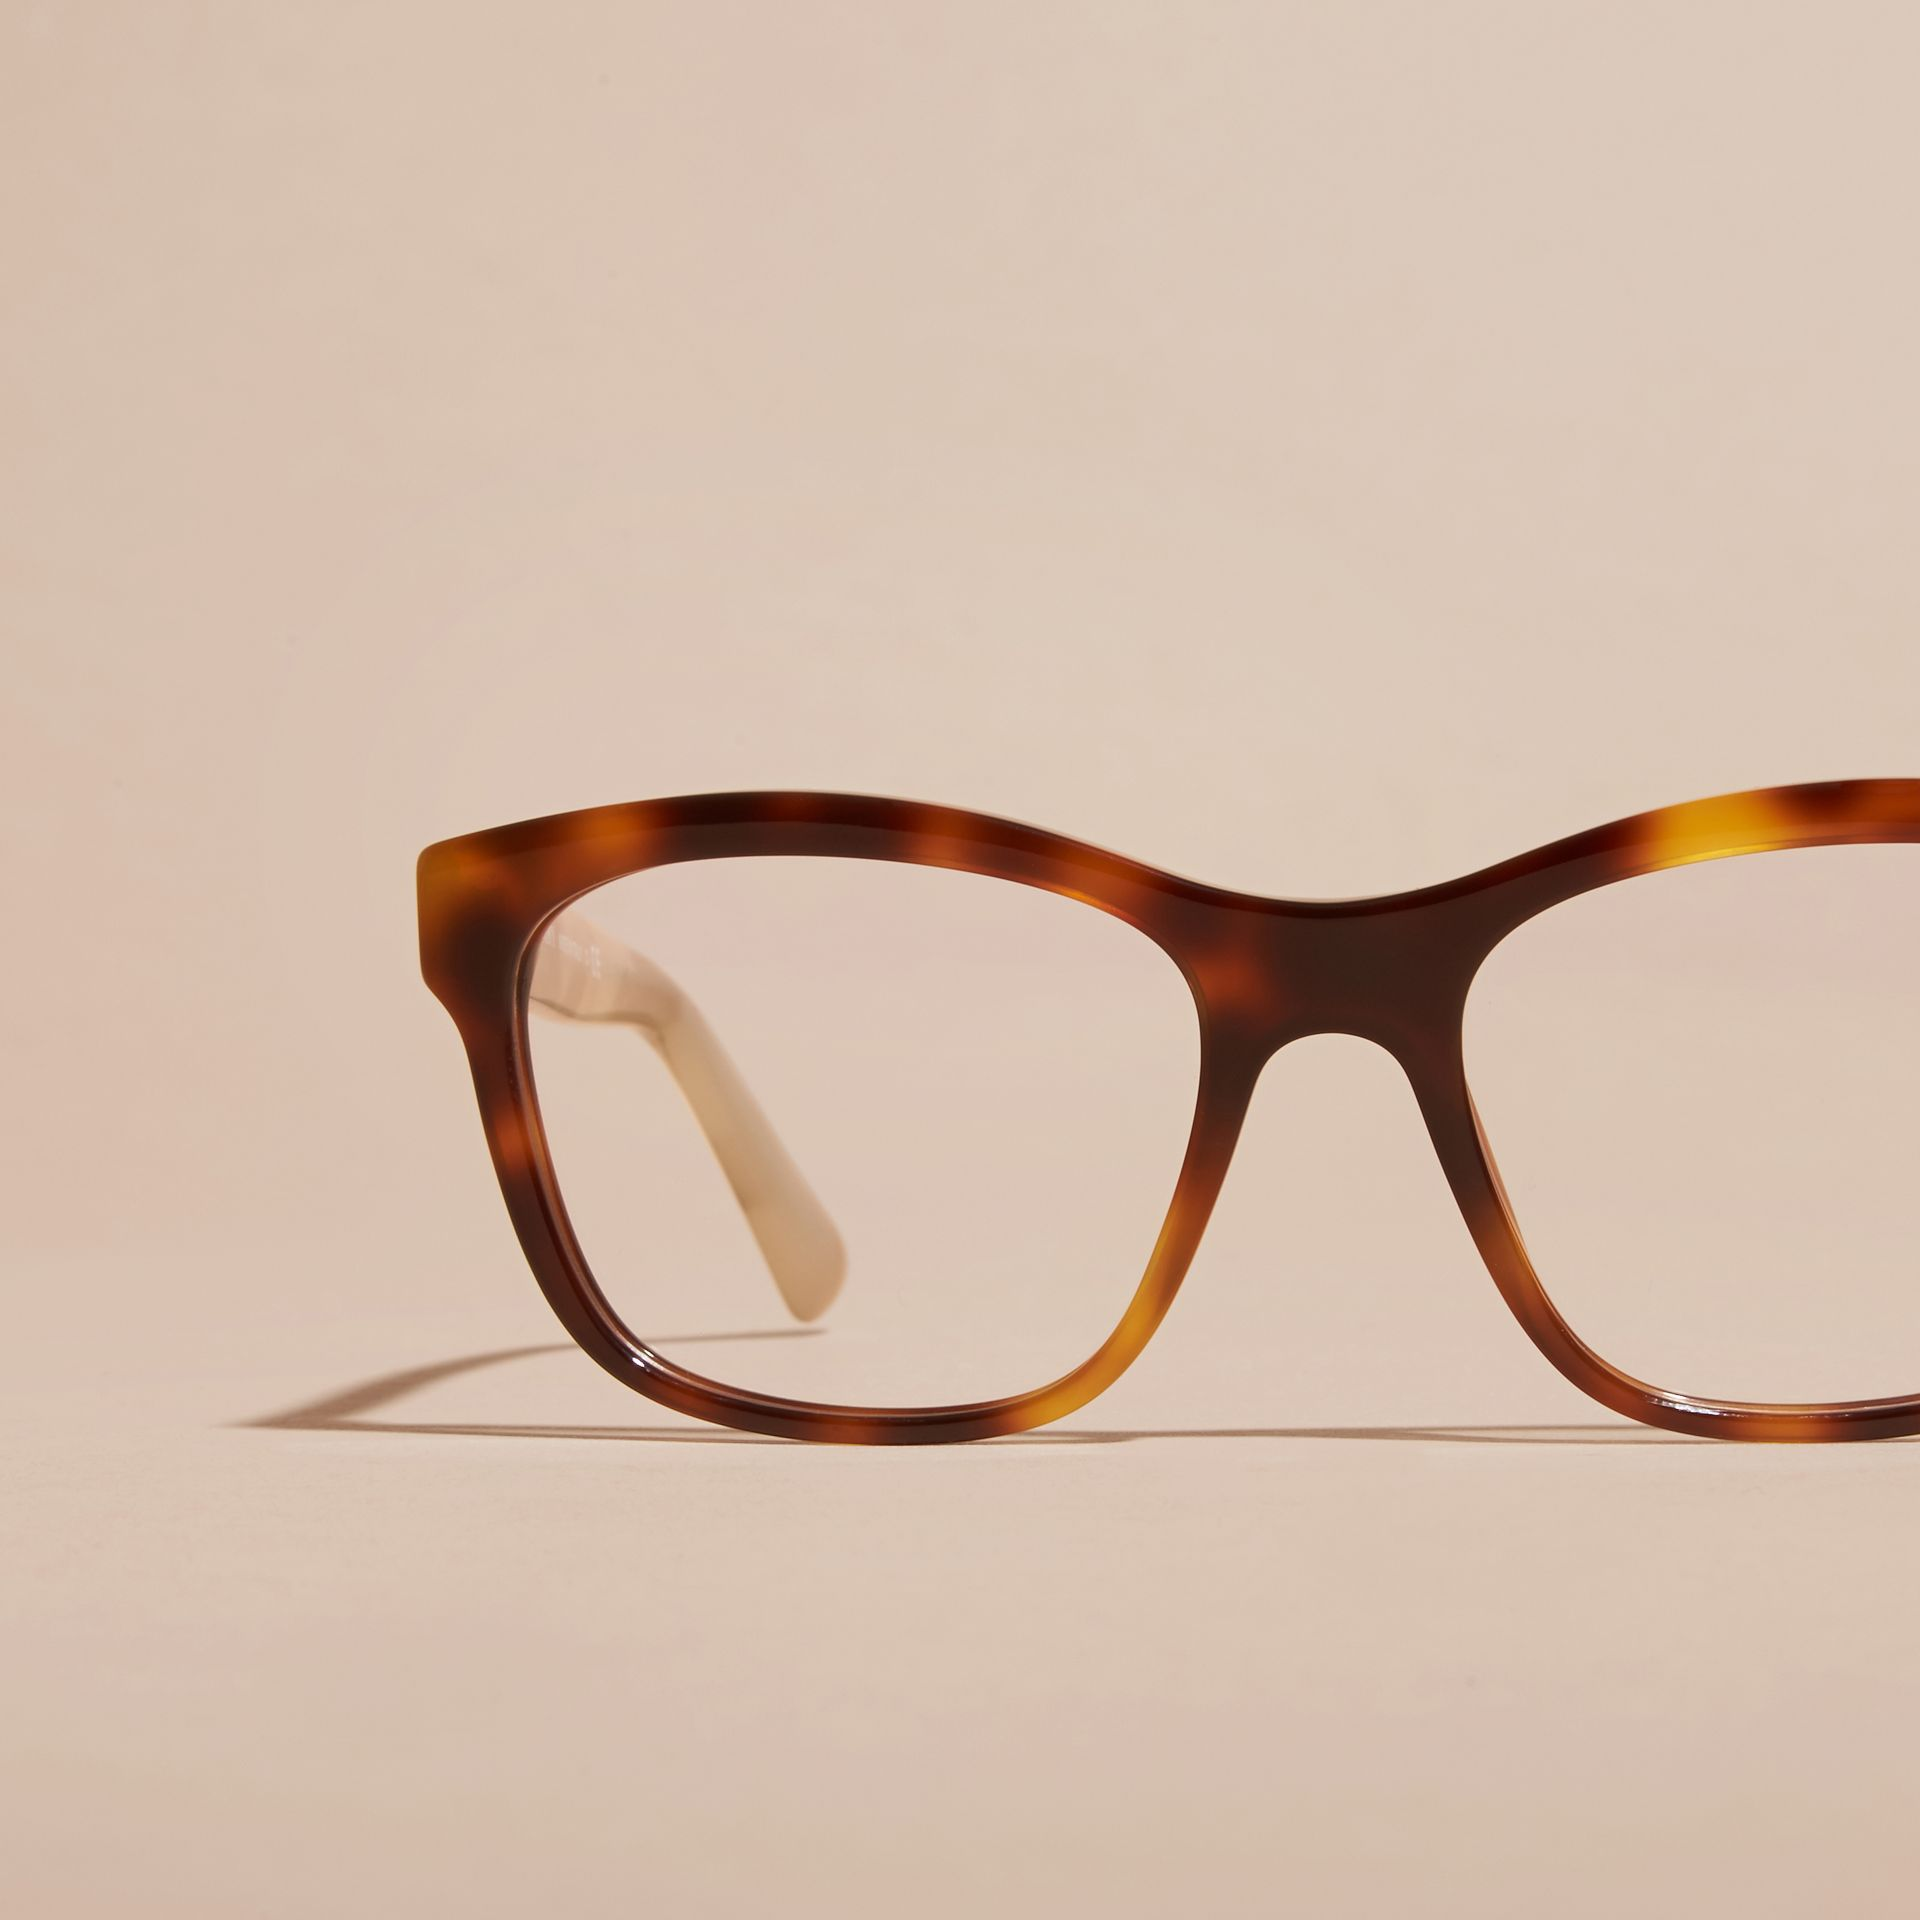 Monture carrée à motif check pour lunettes de vue (Brun Roux Clair) - Femme | Burberry - photo de la galerie 3